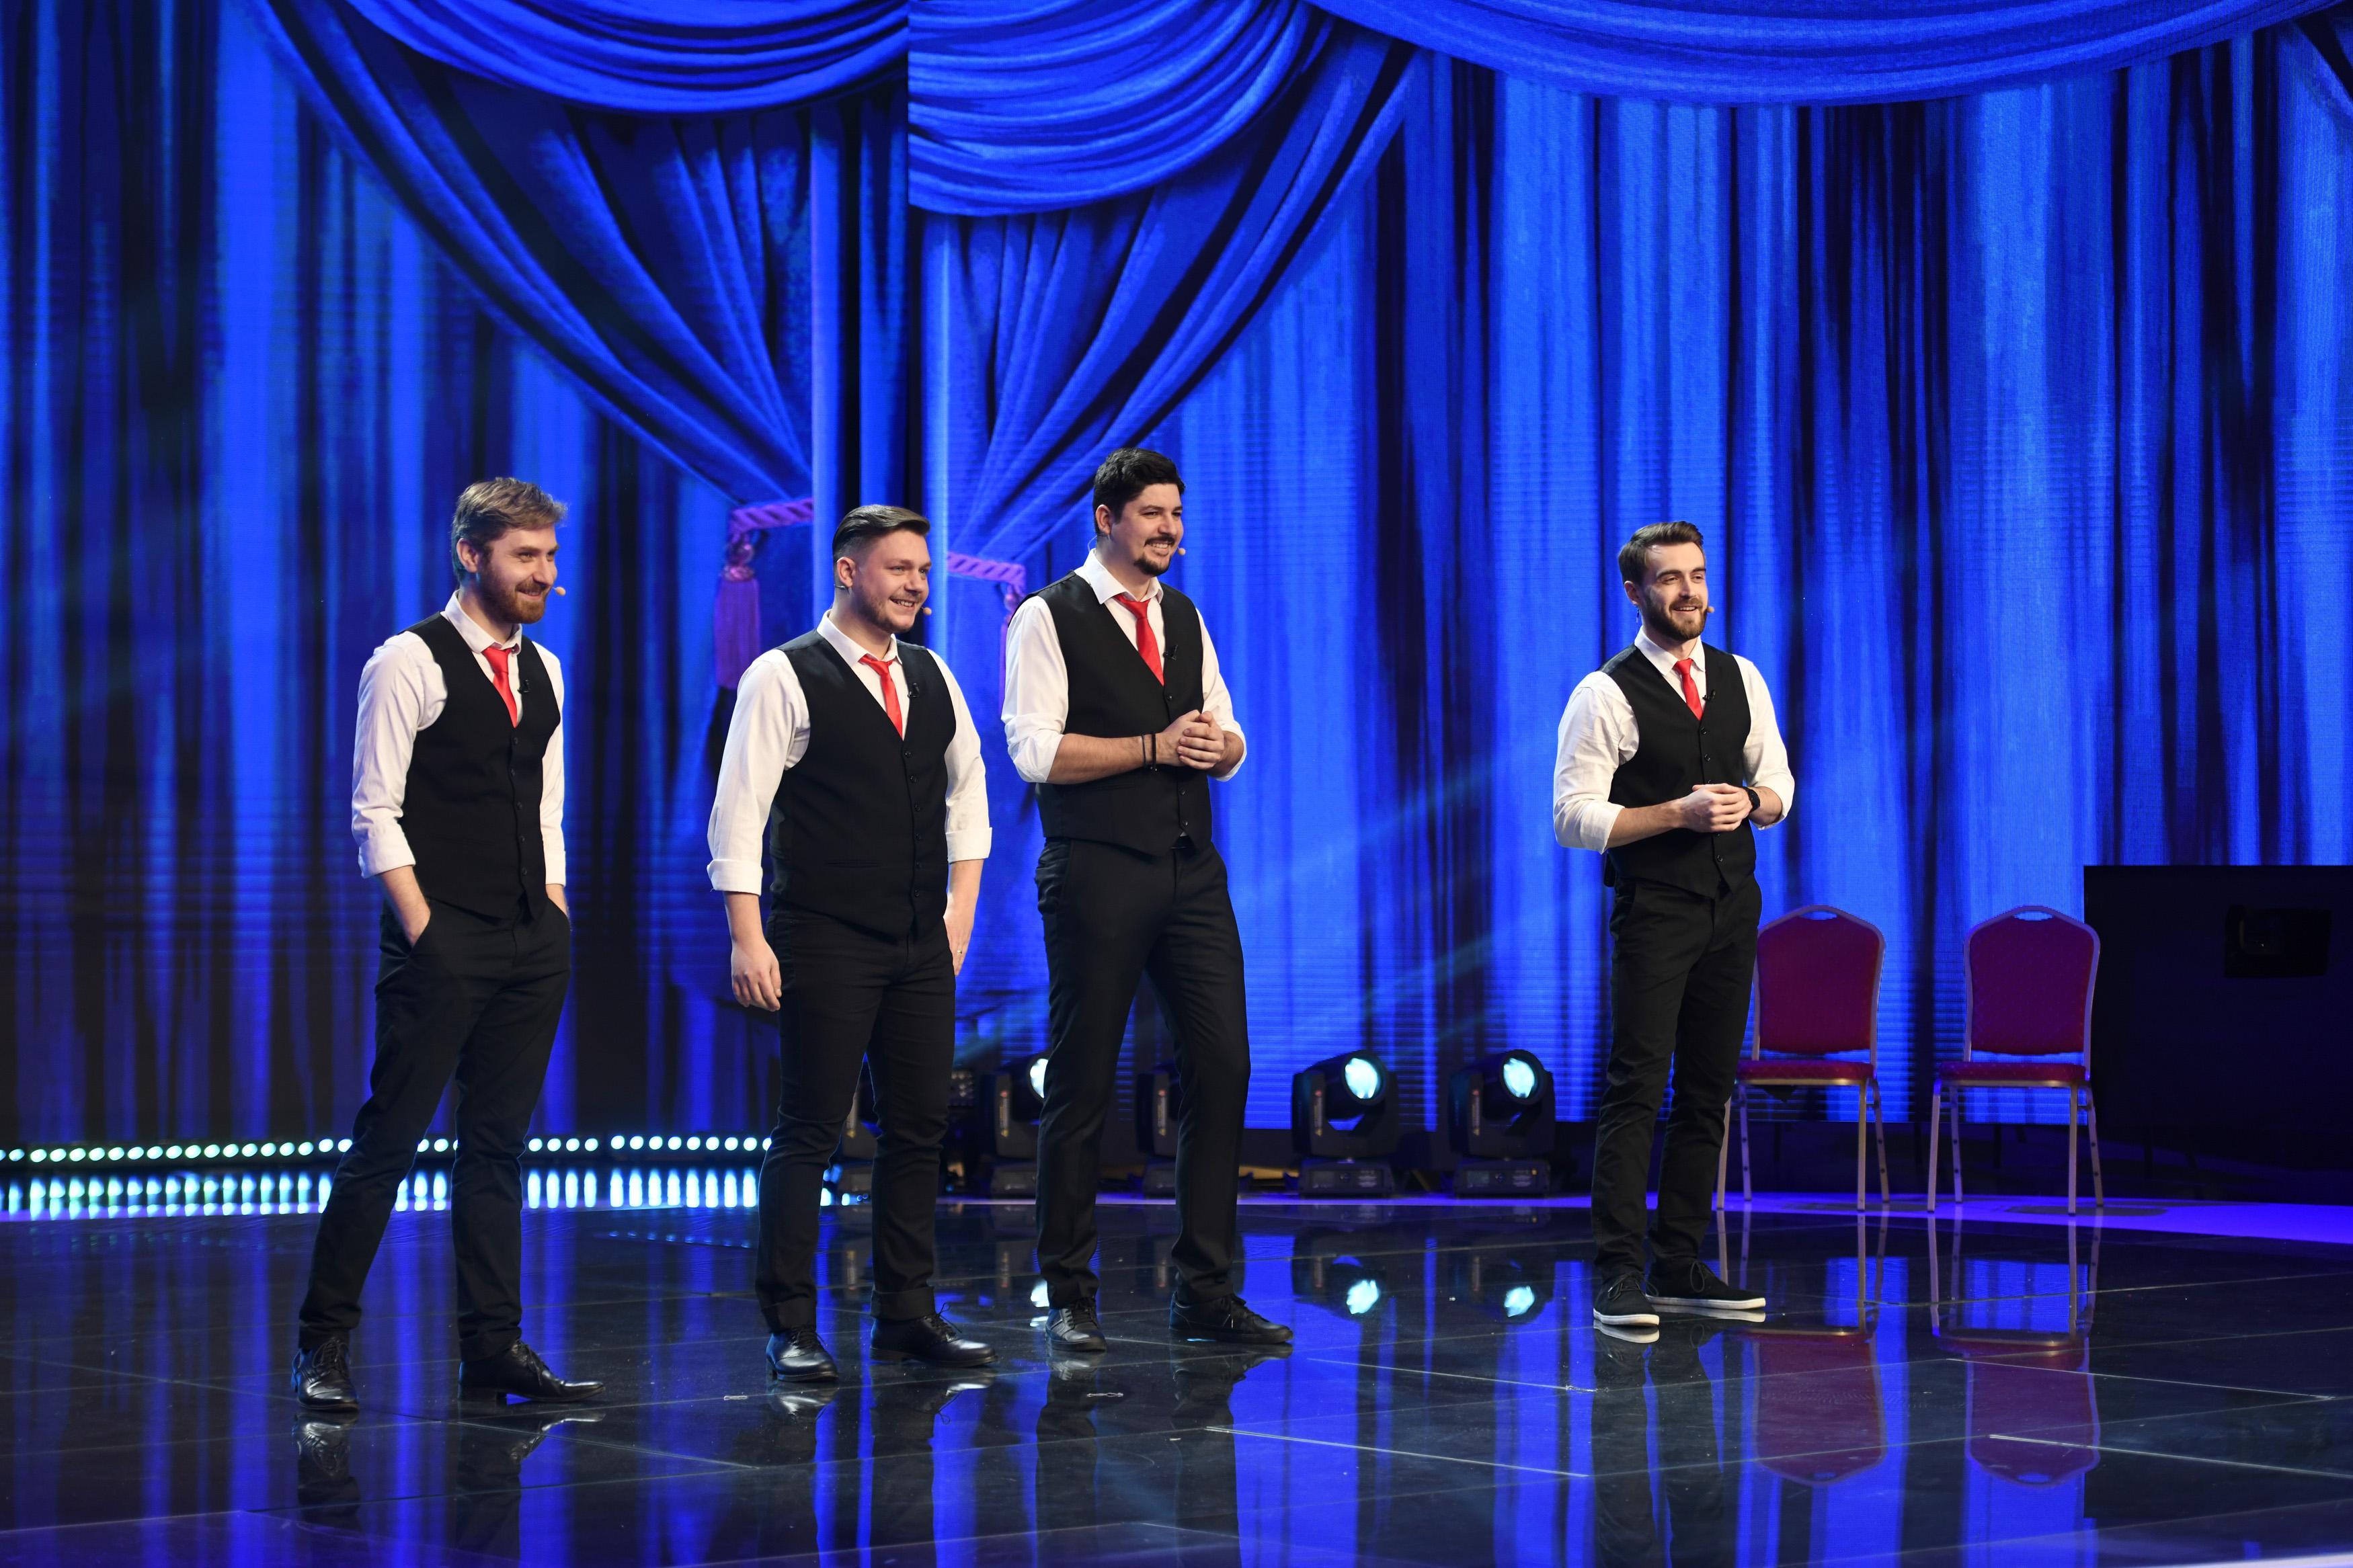 iUmor, 31 martie 2021. Backstage Boys, invitații speciali ai ediției, stârnesc hohote de râs cu o scenă de film din Belarus